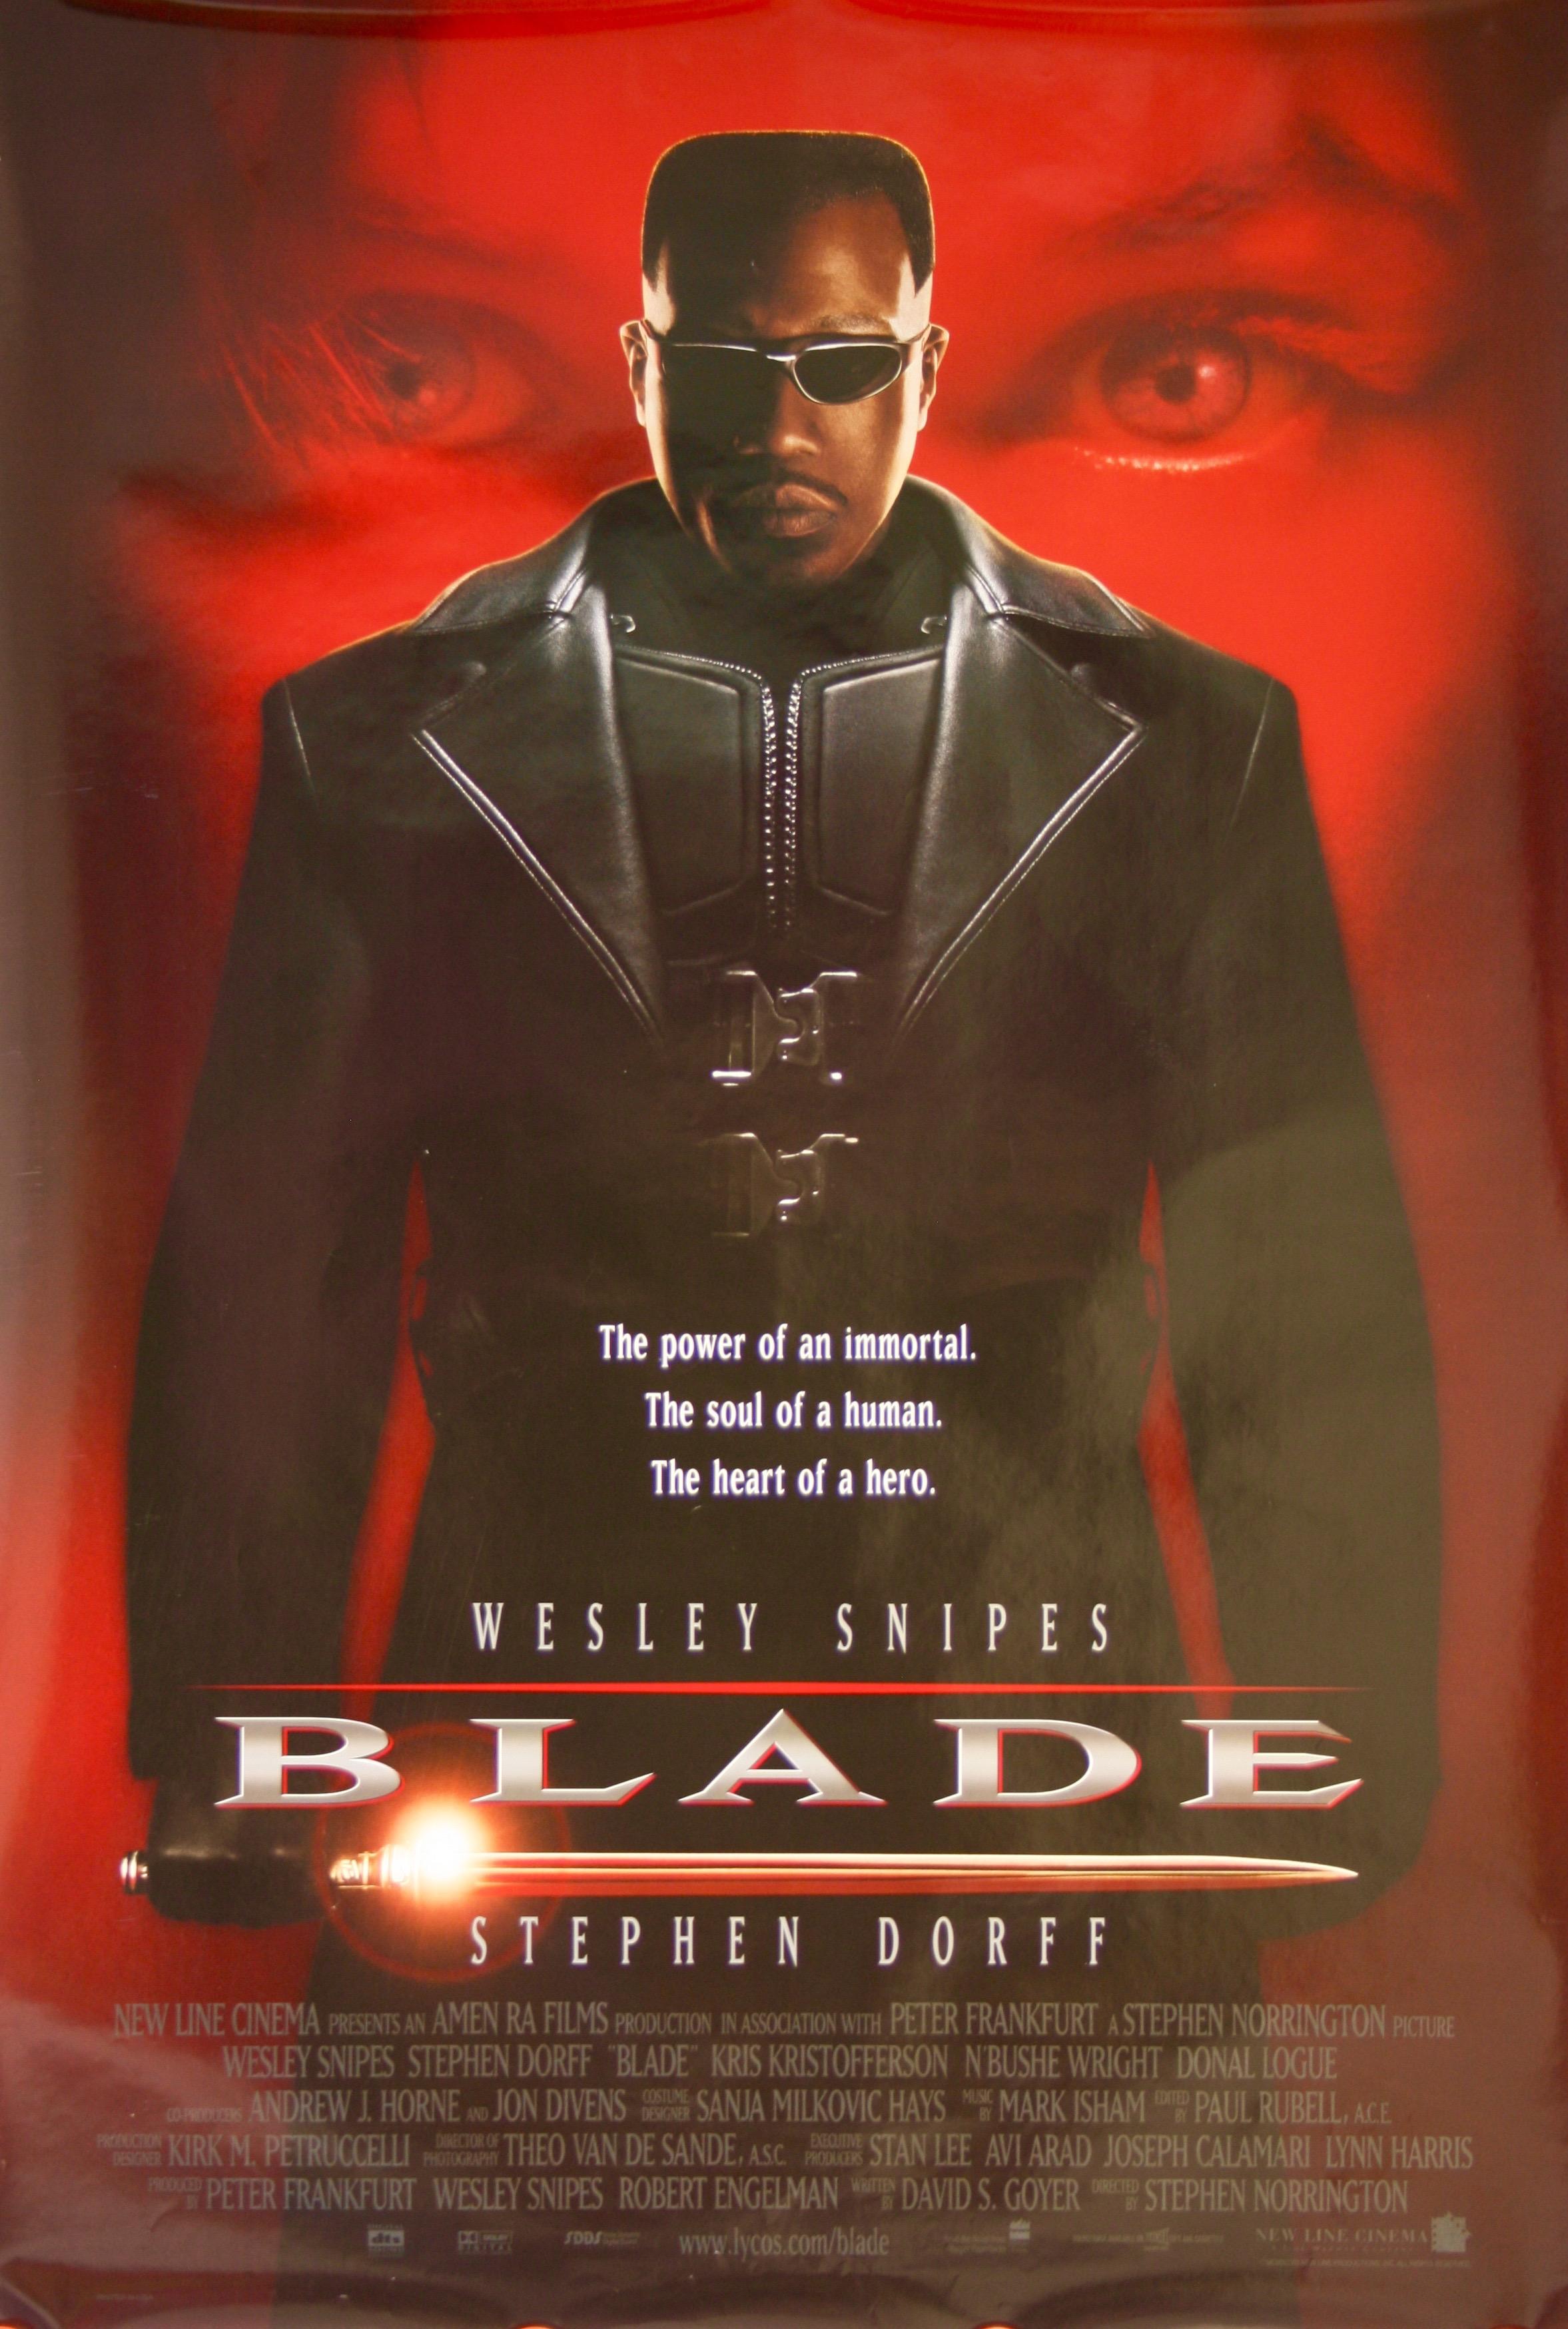 BLADE - Vintage Movie Posters